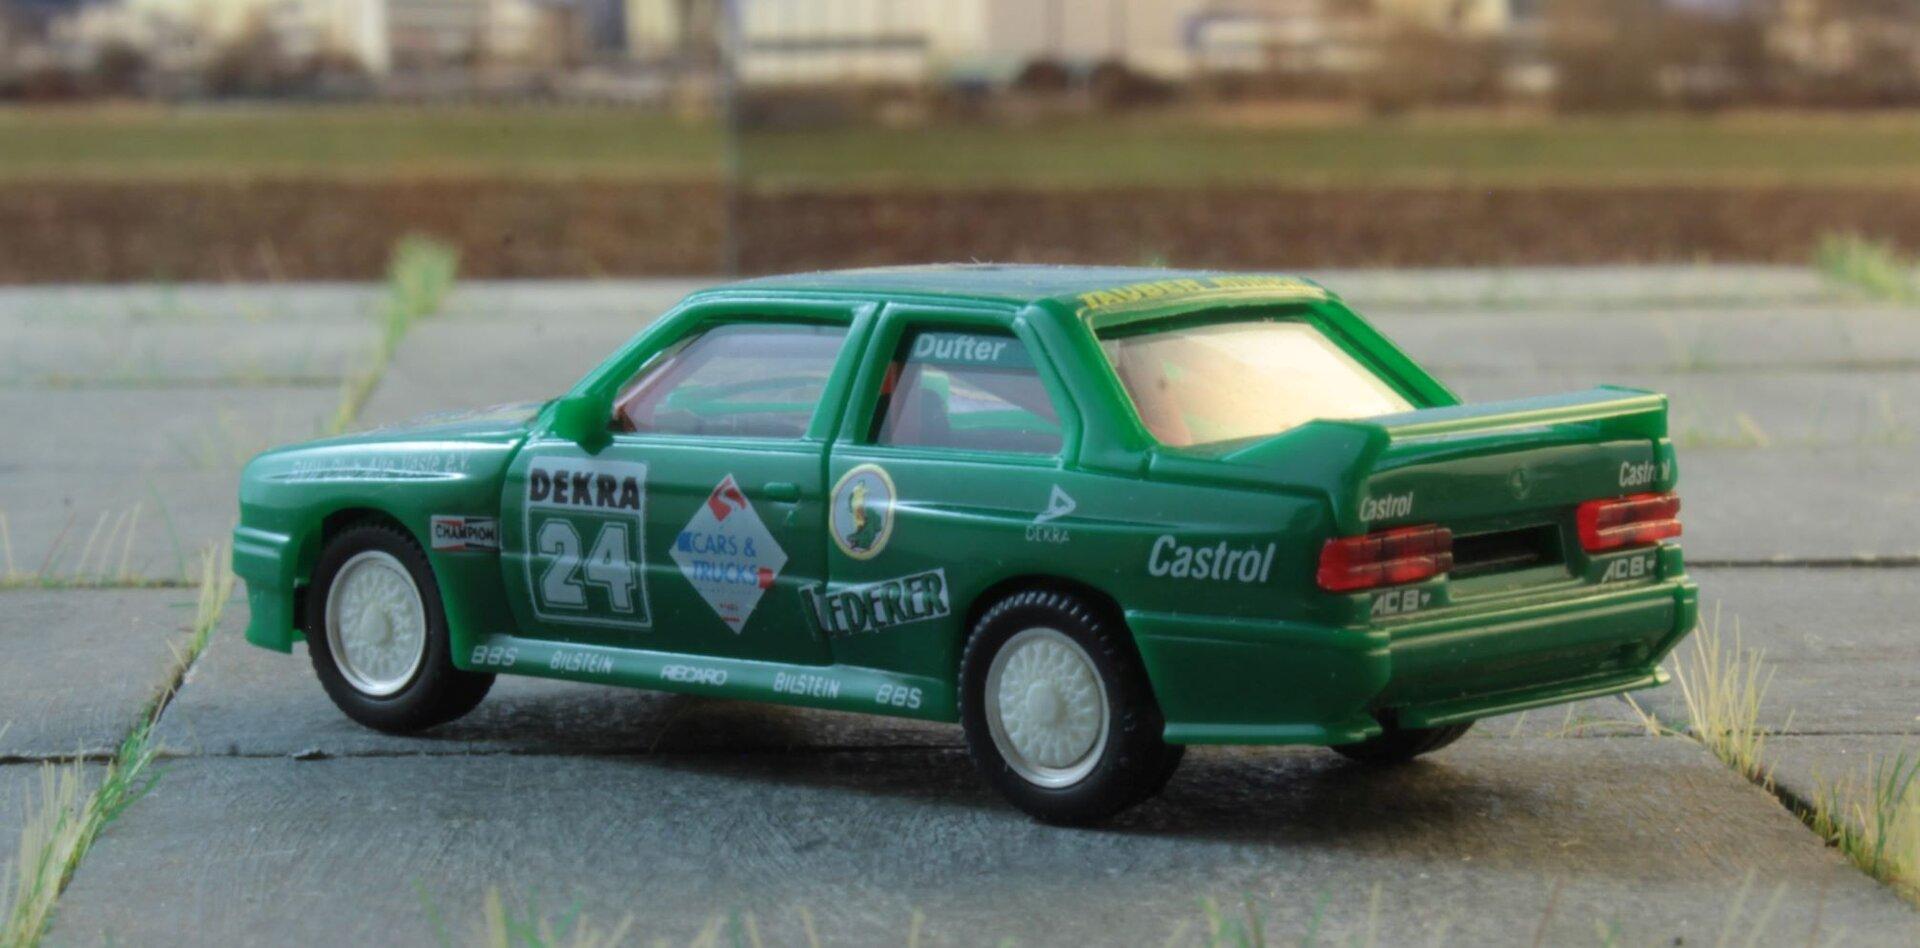 Bmw E30 Zauber team Herpa 2 .JPG